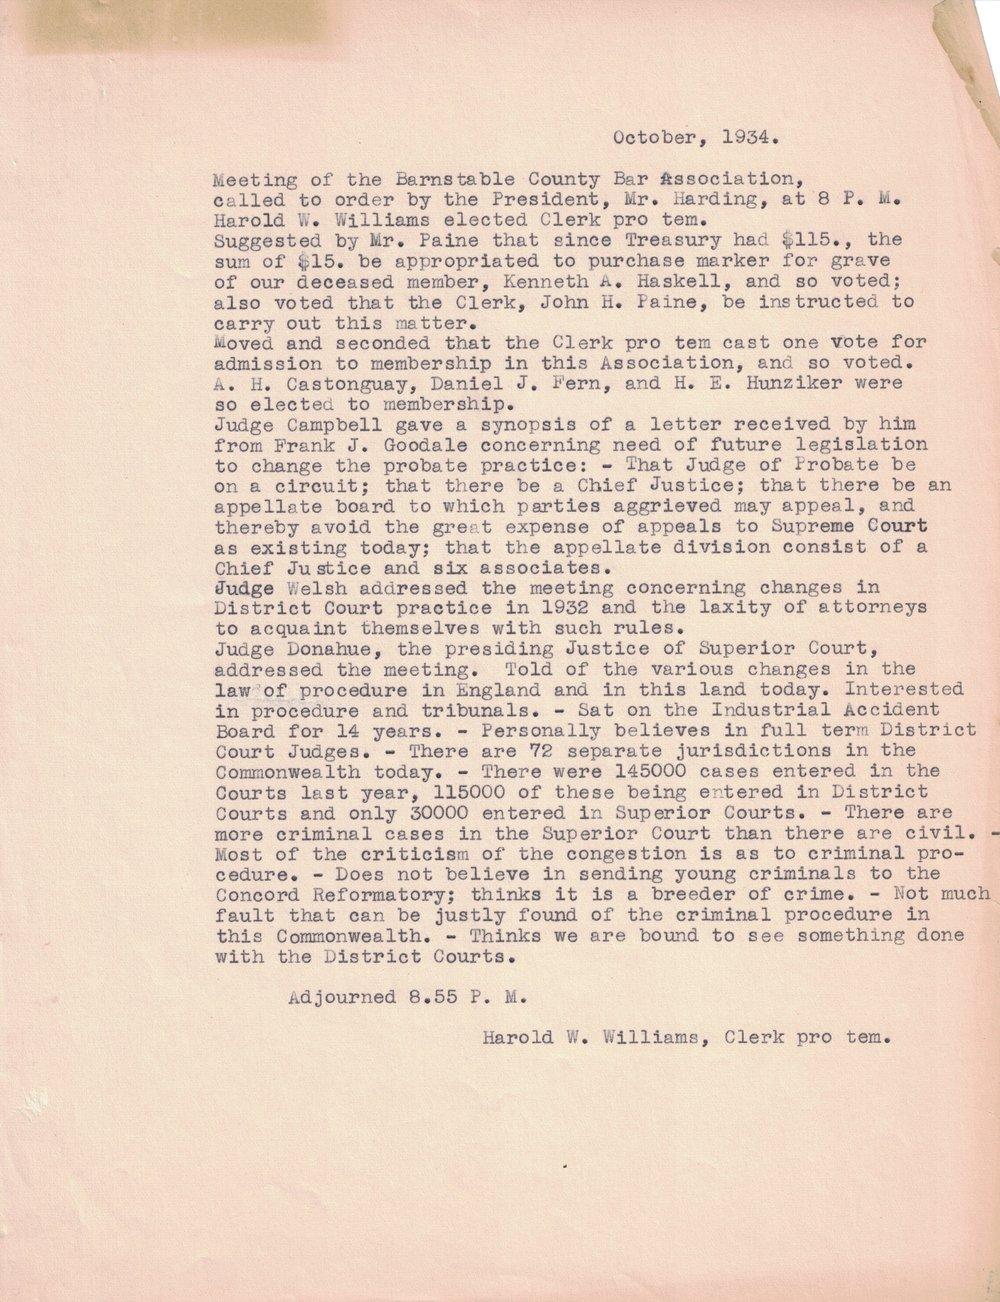 1934 Meeting